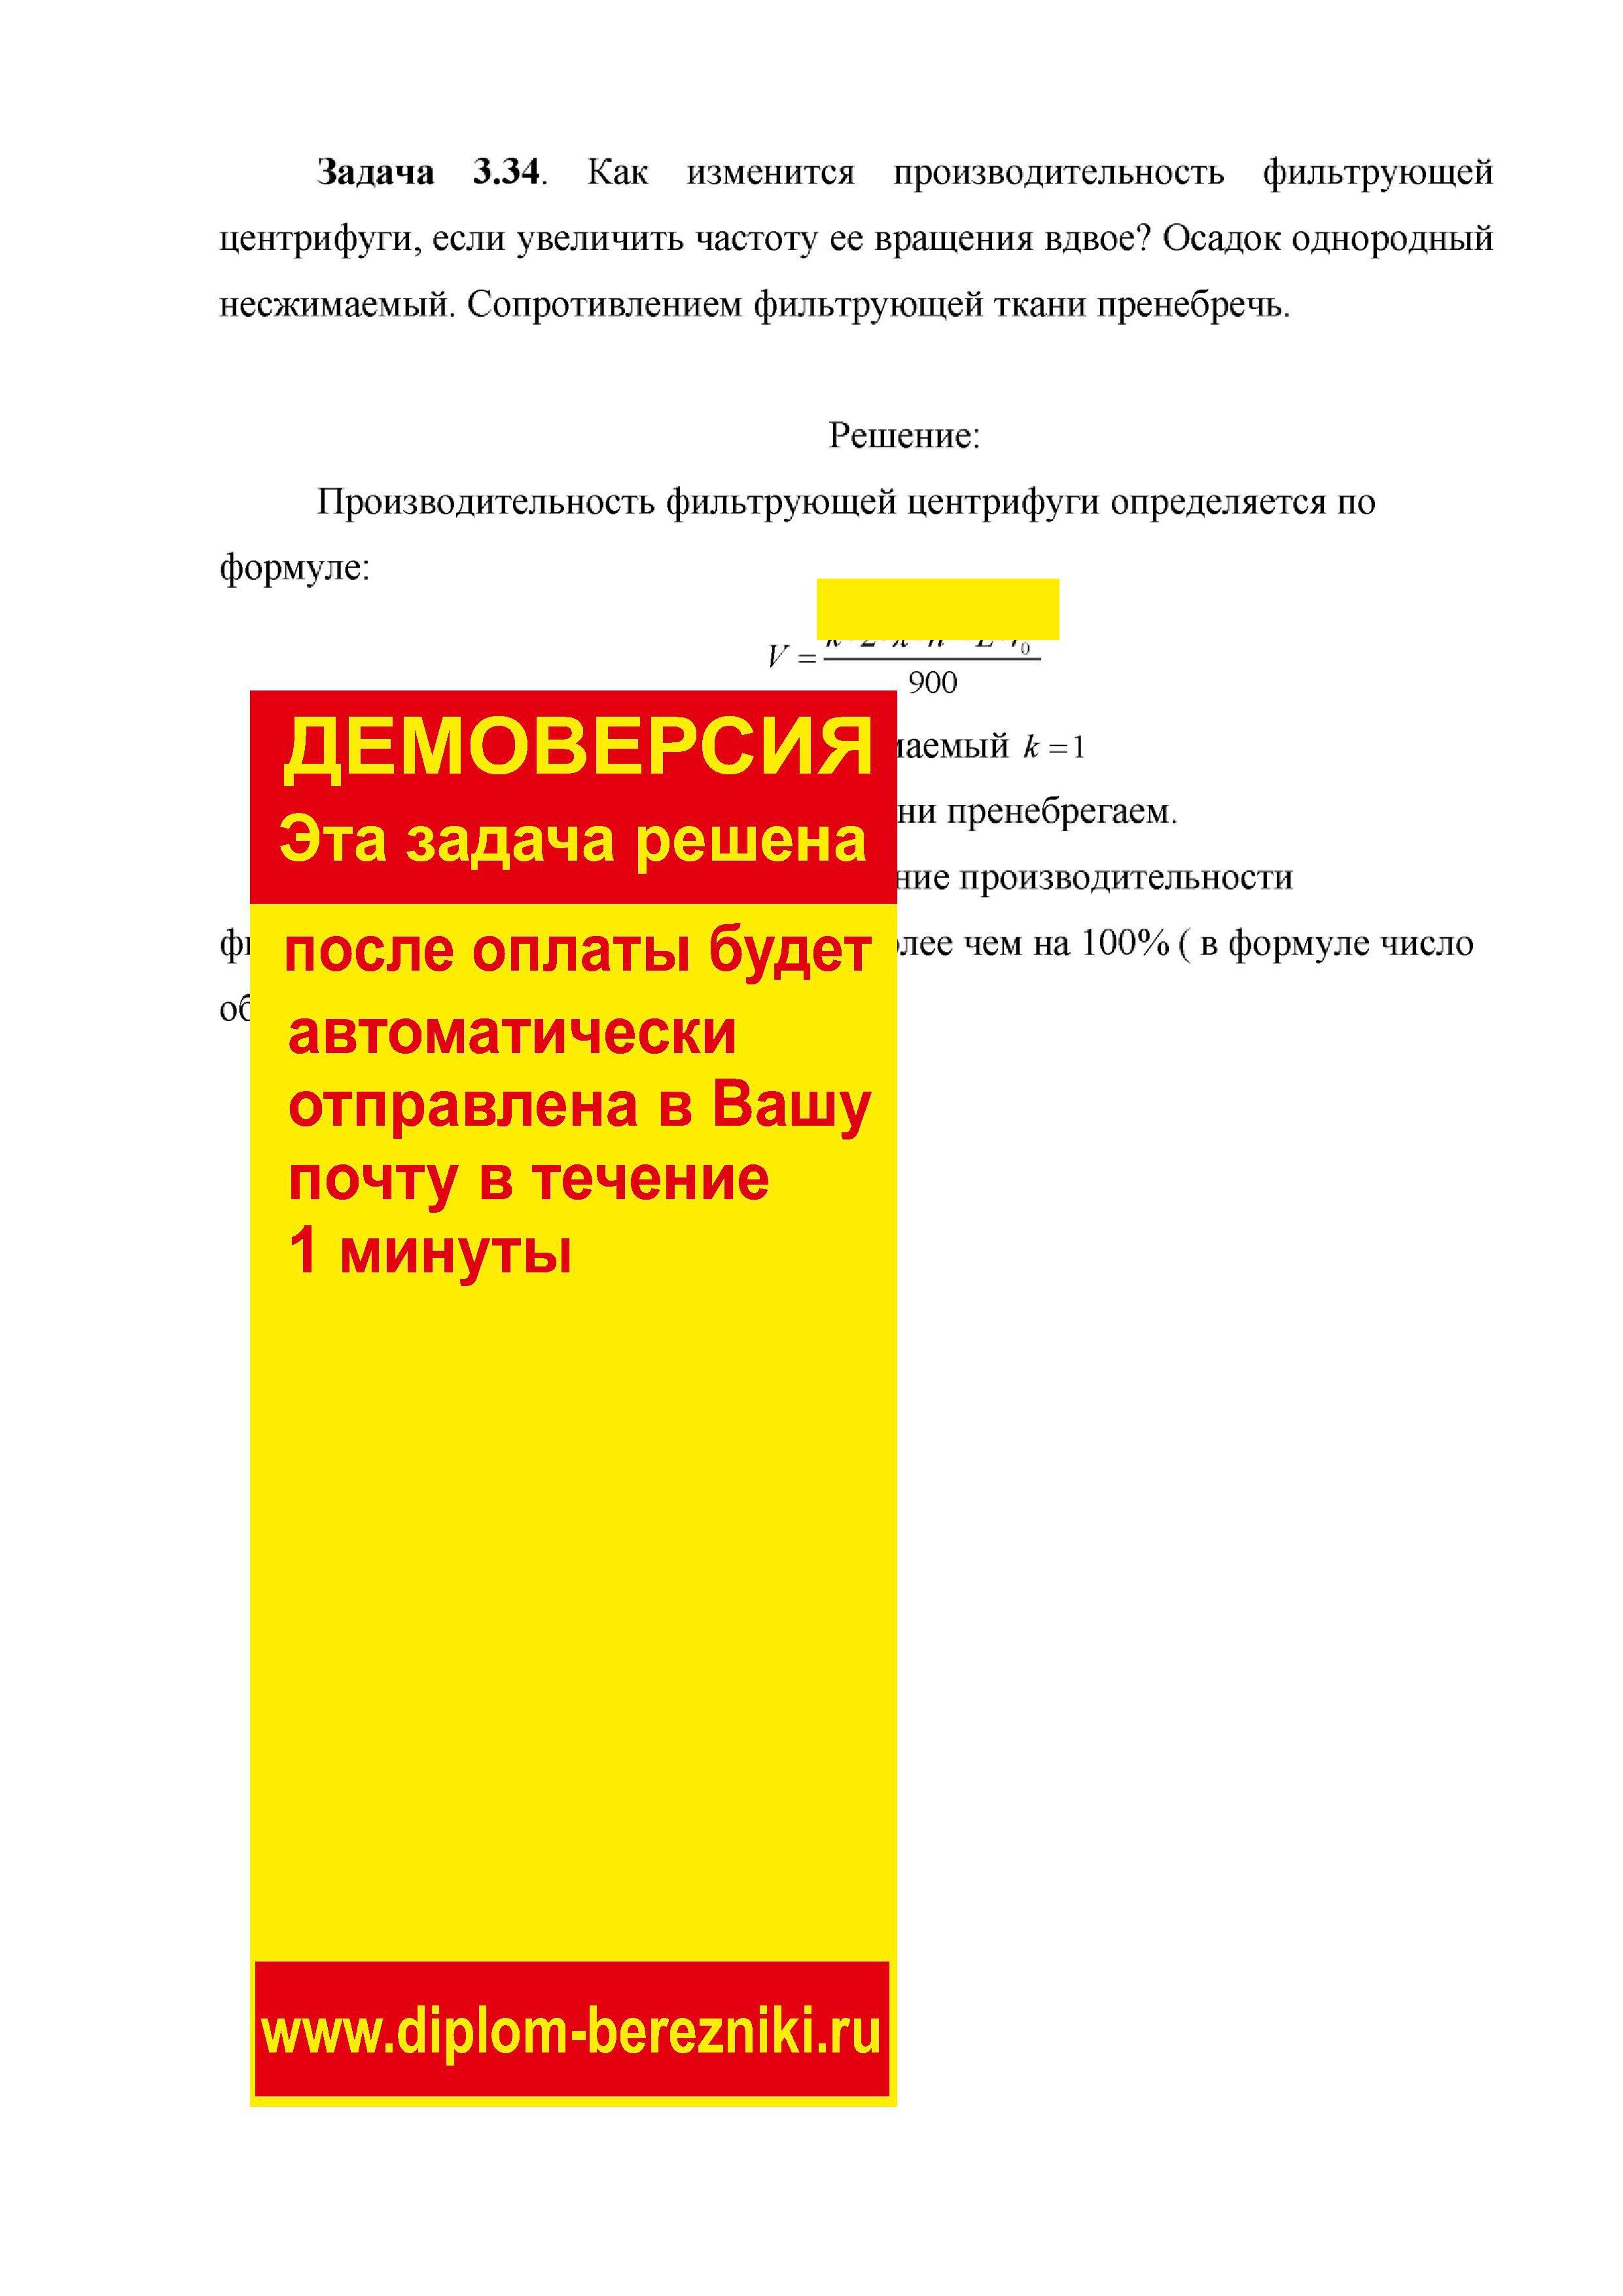 Решение задачи 3.34 по ПАХТ из задачника Павлова Романкова Носкова